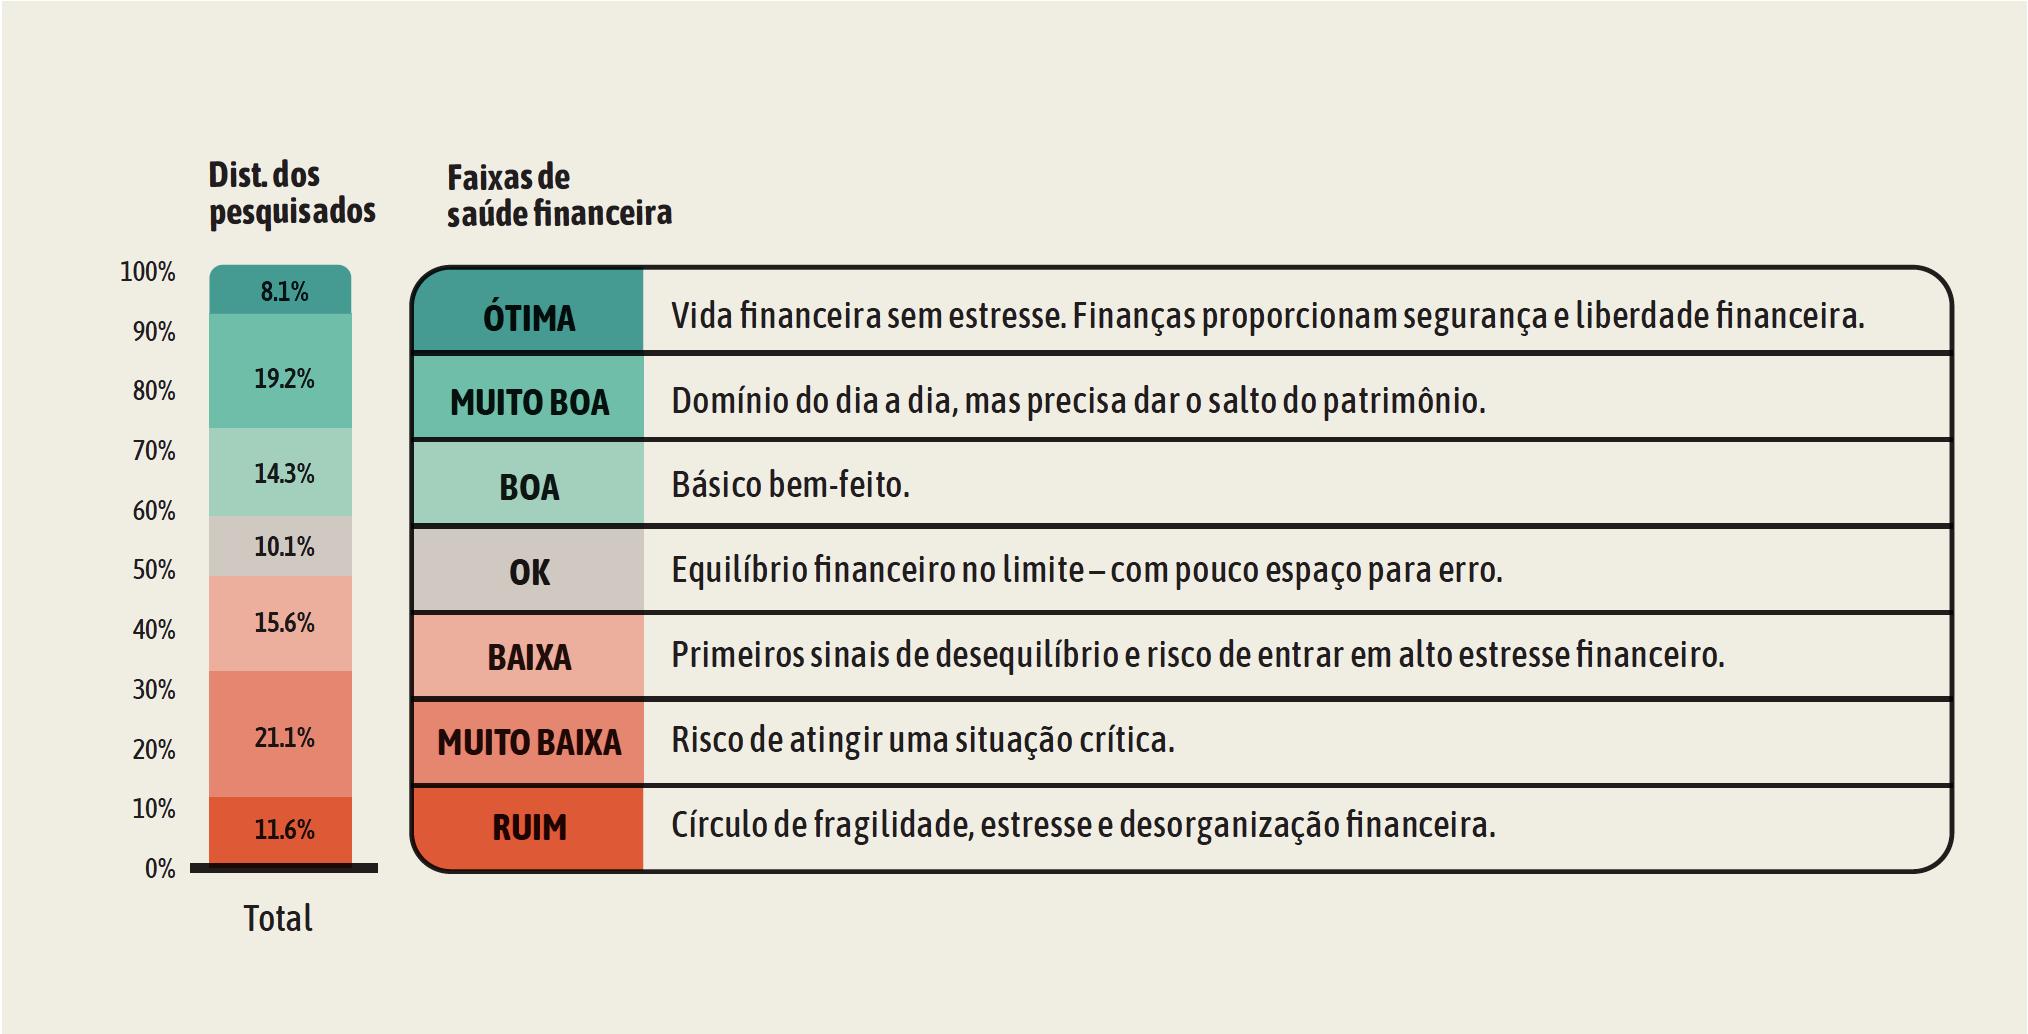 tabela sobre distribuição dos brasileiros por nível financeiro, endividamento, finanças e relação com dinheiro